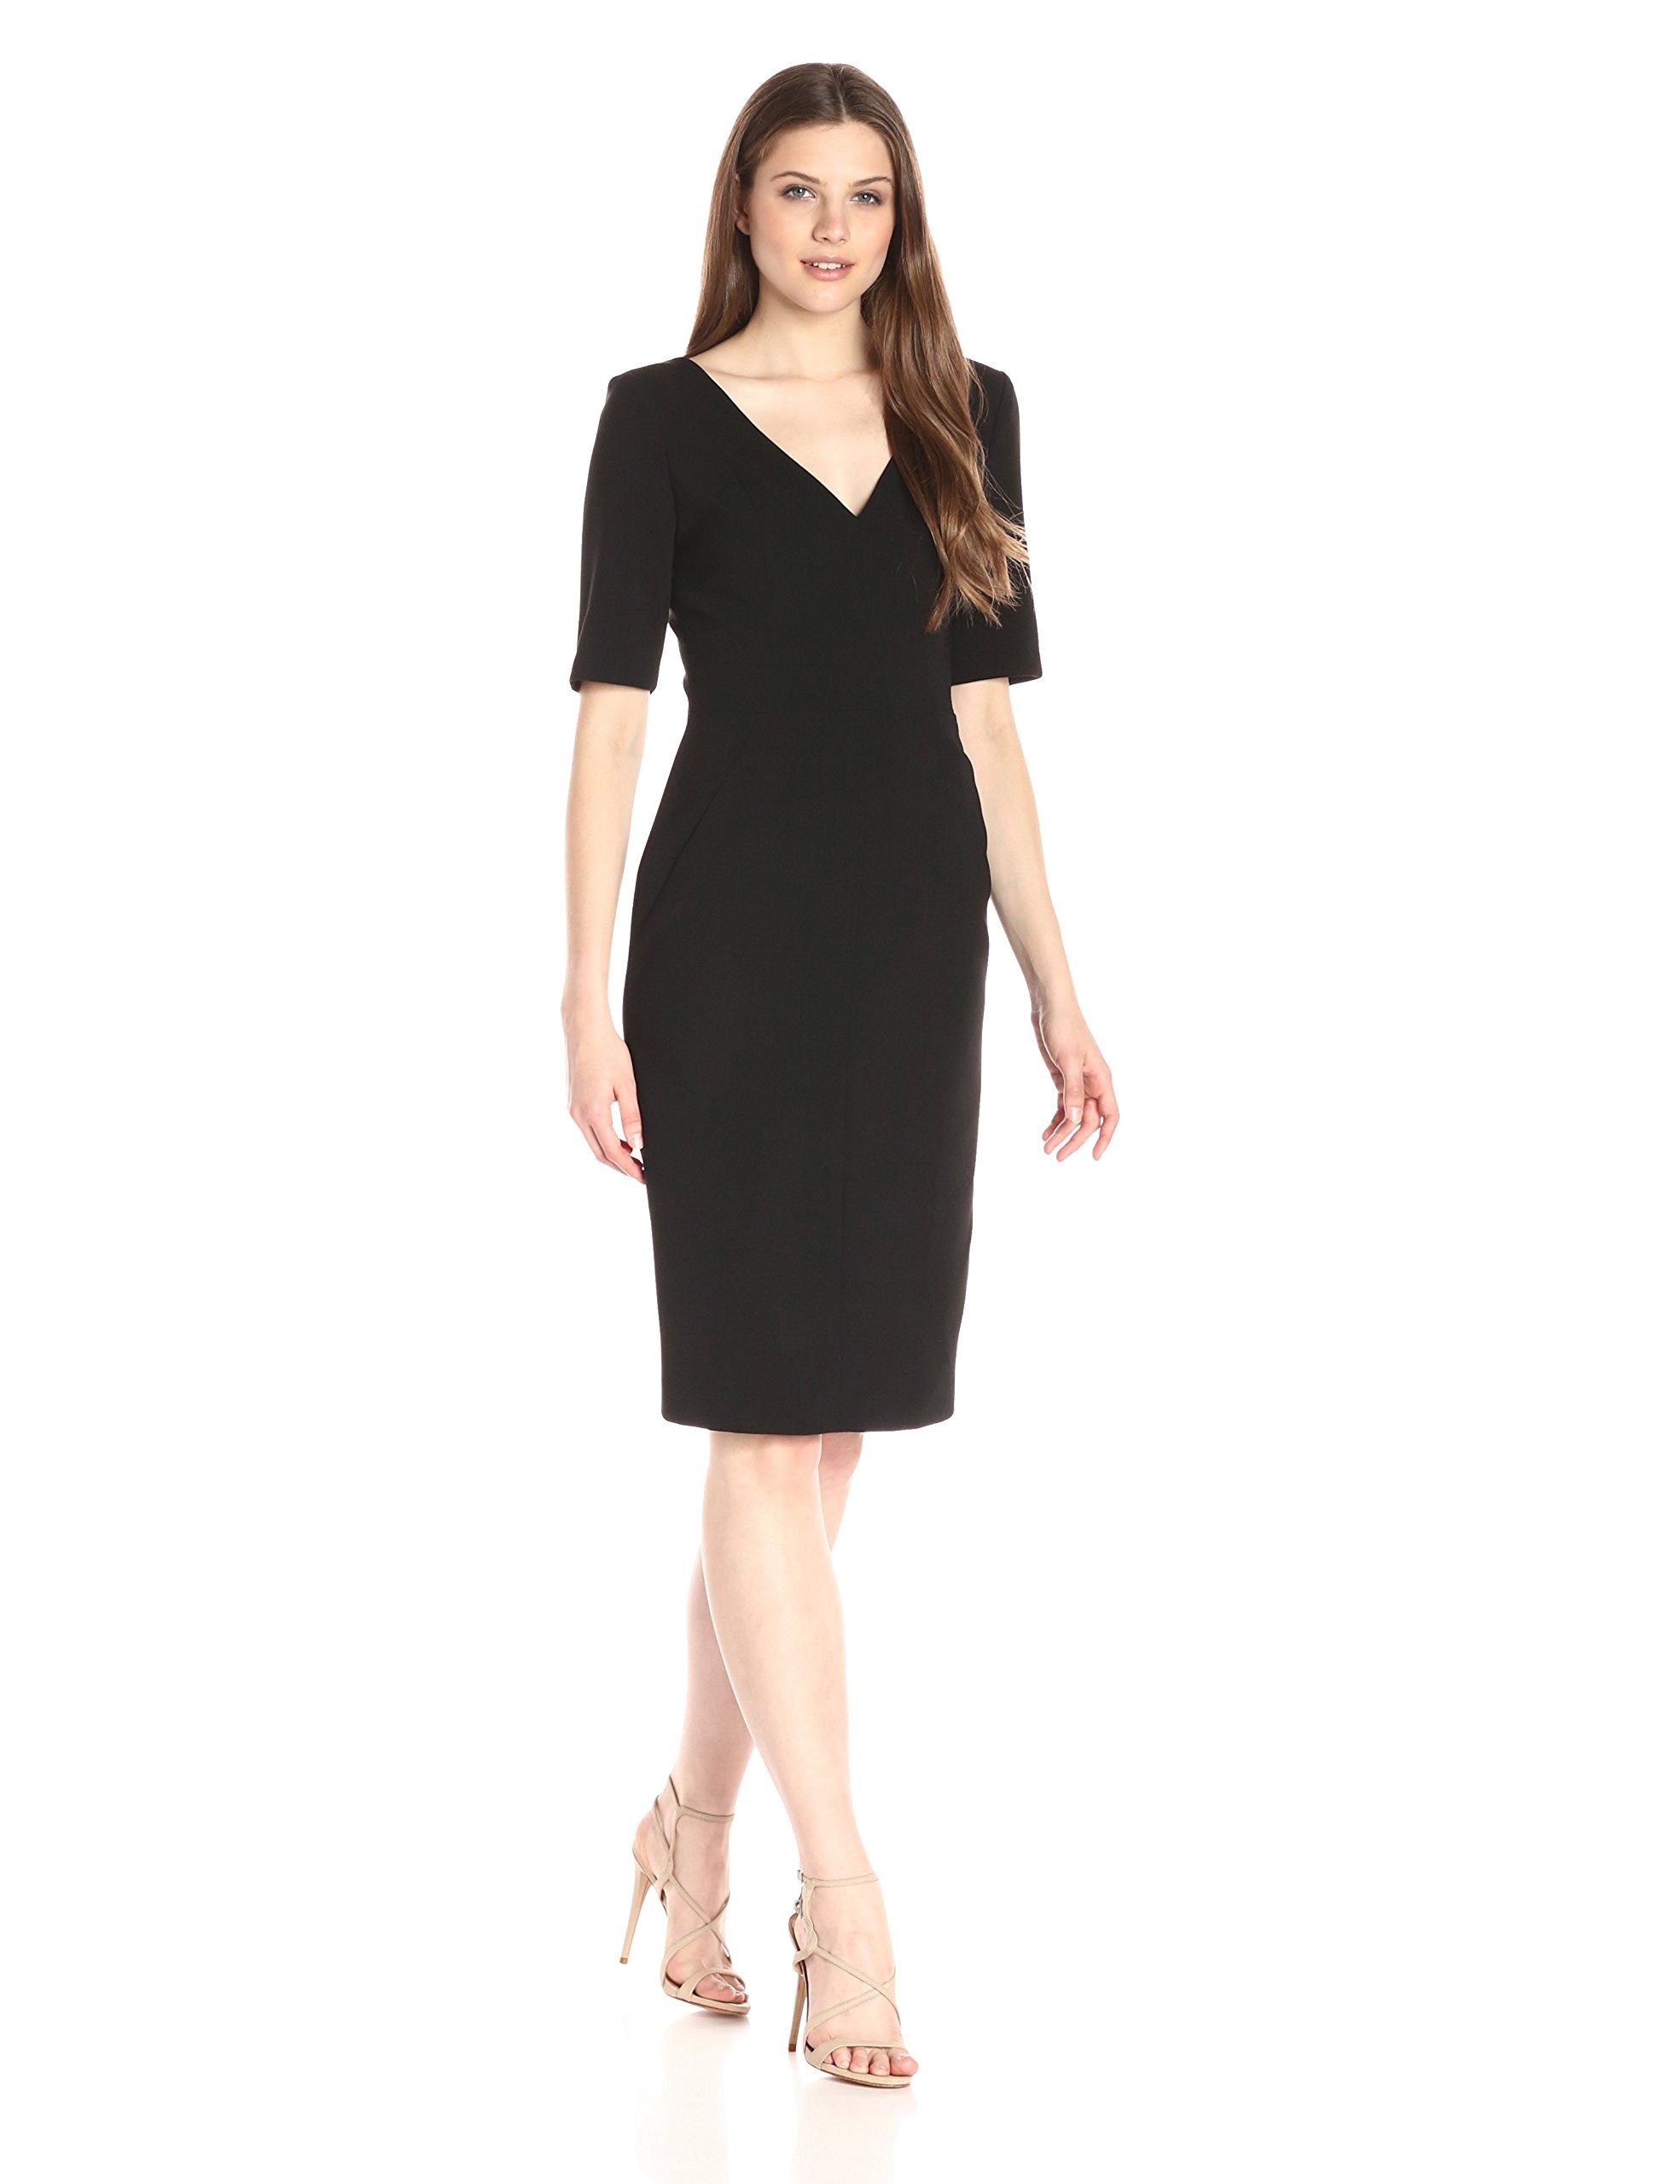 Black Halo Women's Jeanette Sheath Dress, Black, 8